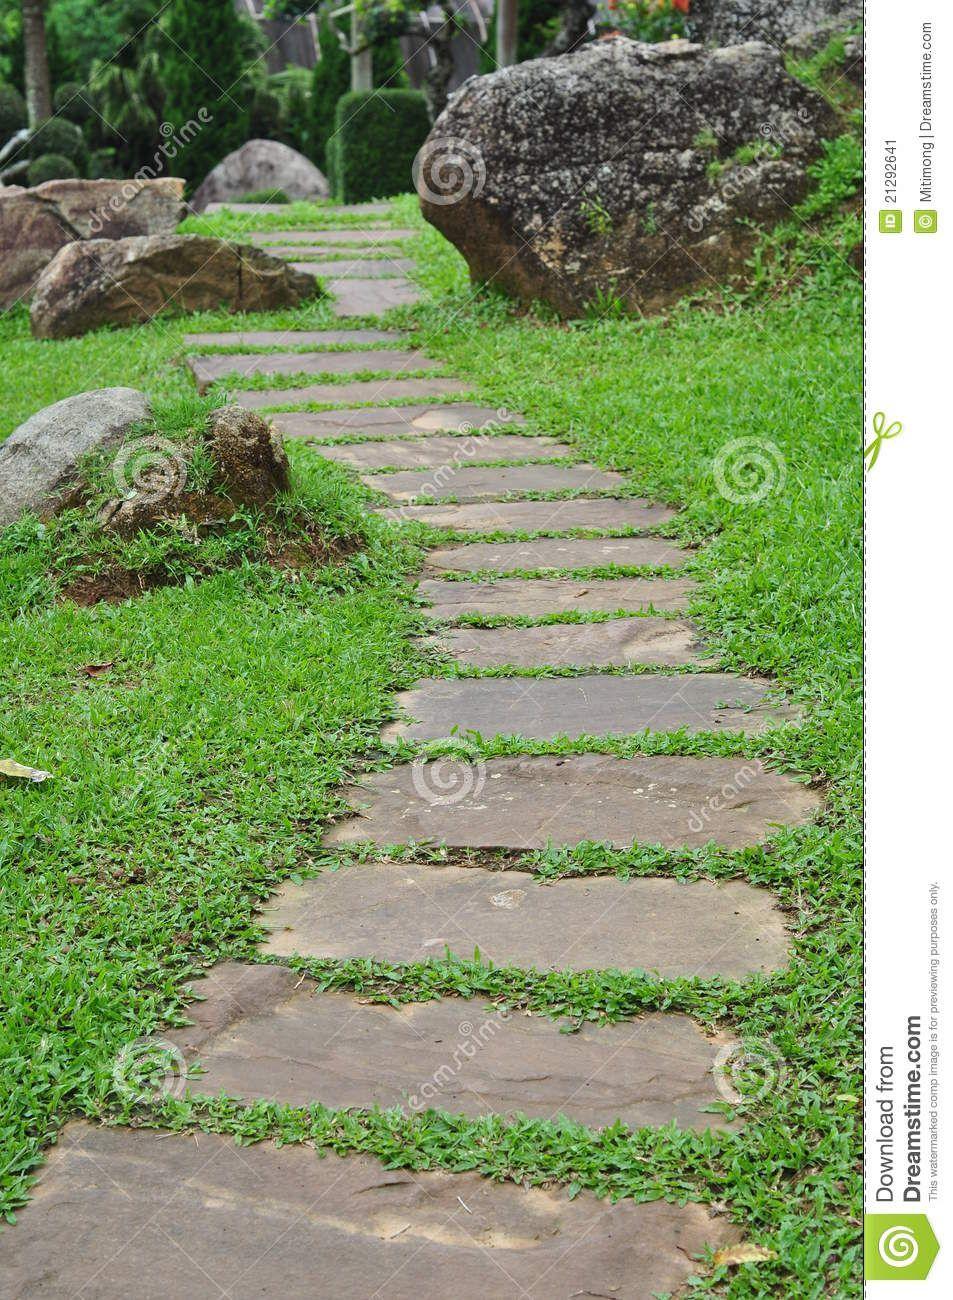 chemin de jardin chemin en pierre de jardin avec l 39 herbe grandissant entre les pierres id e. Black Bedroom Furniture Sets. Home Design Ideas